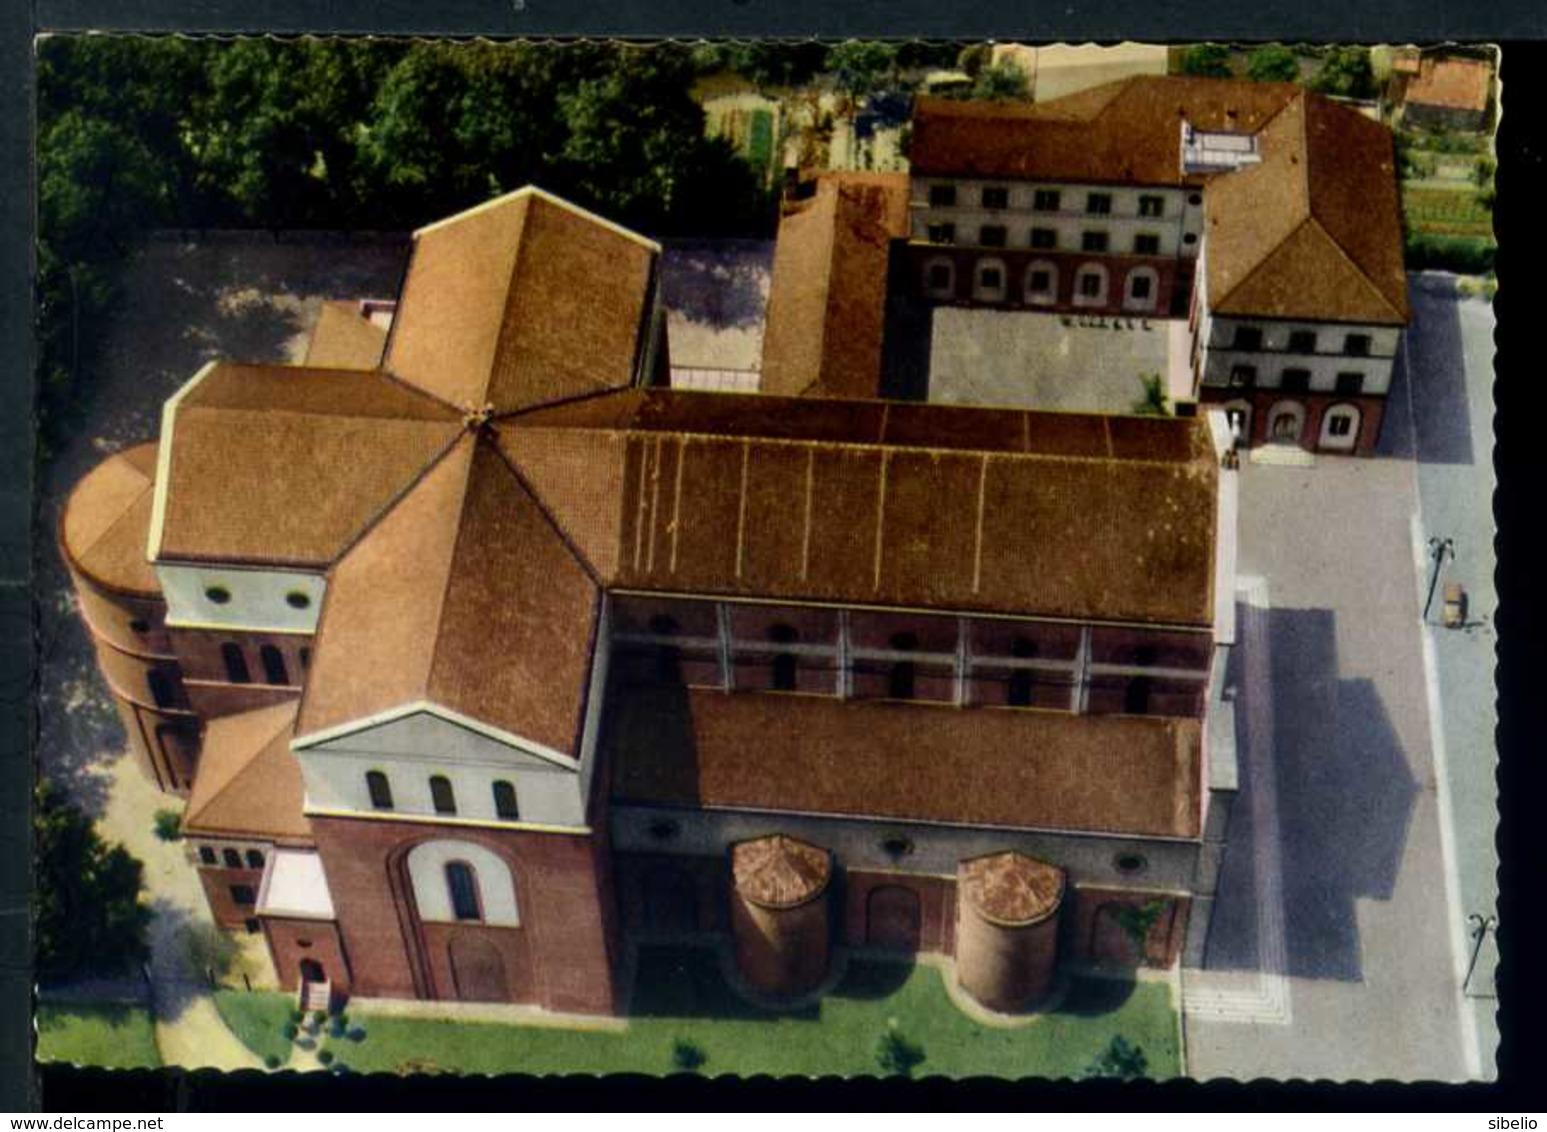 Milano Barona 1964 .Foto aerea Santuario Santa Rita alla Barona. Nell'angolo anteriore destro della foto si scorge una pertinenza cascinale del Mulino Desa.